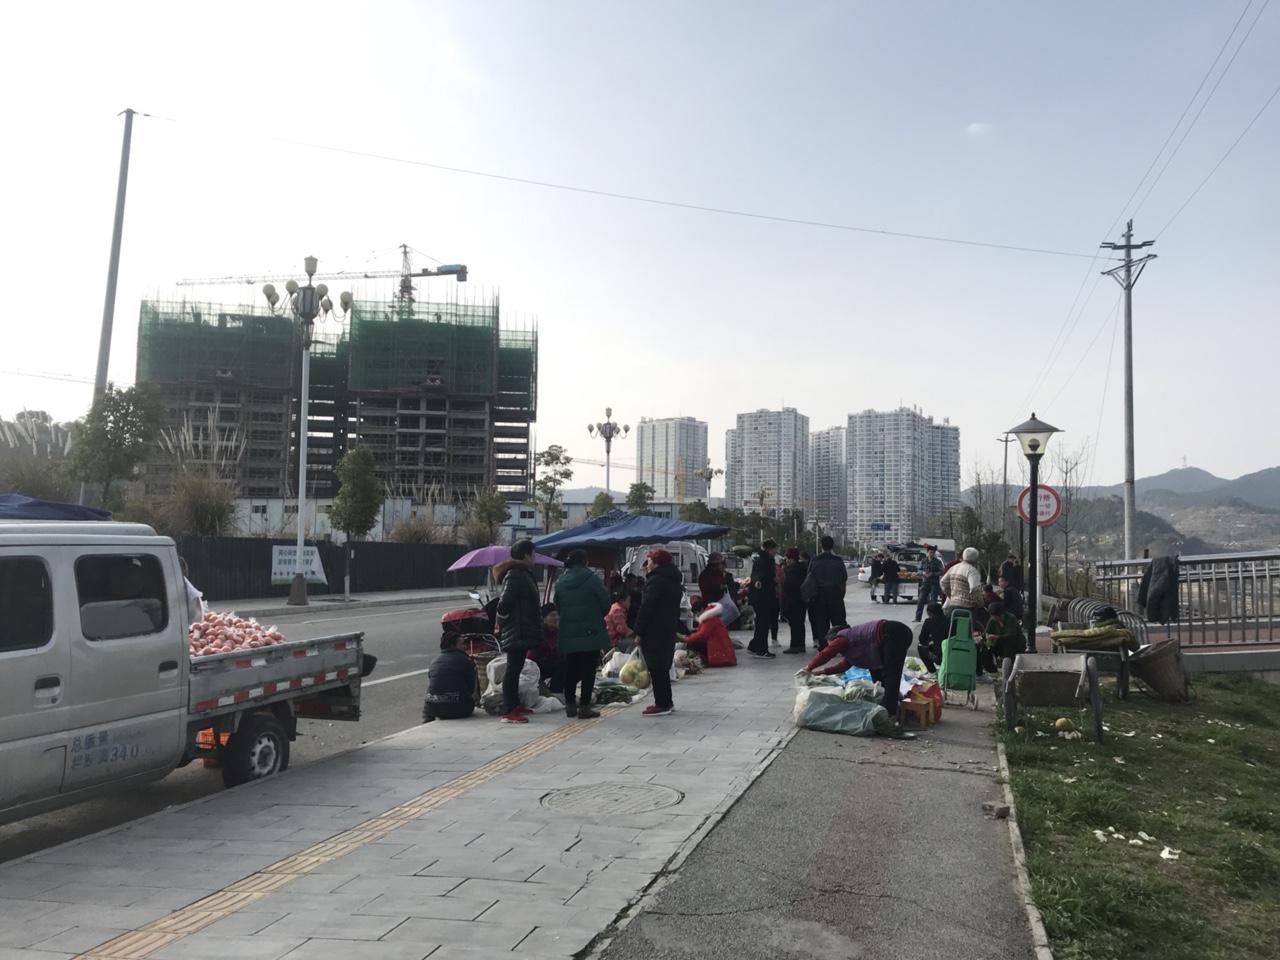 盐亭人行桥旁的小市场